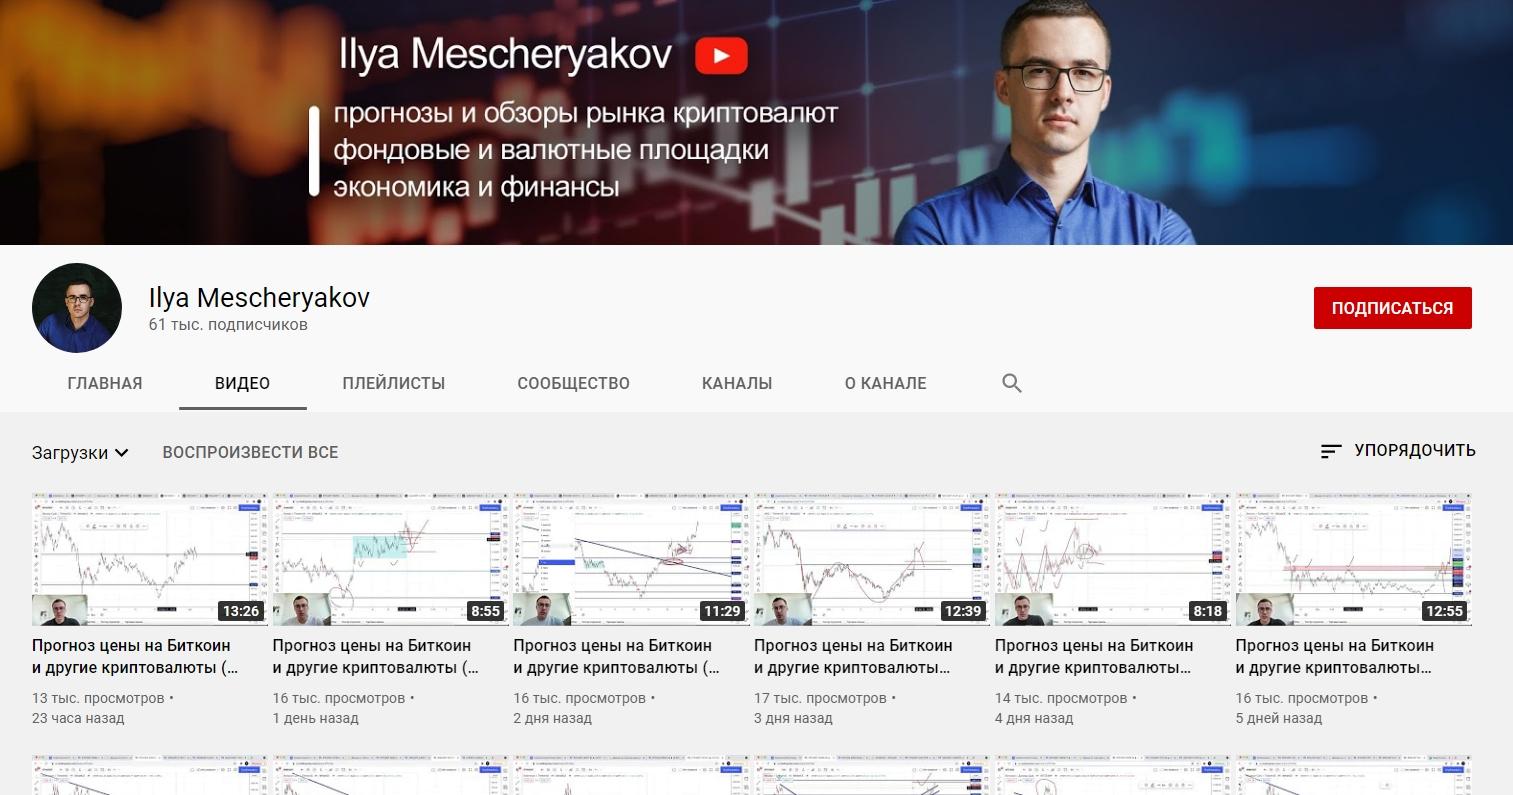 Ютуб канал Ильи Мещерякова